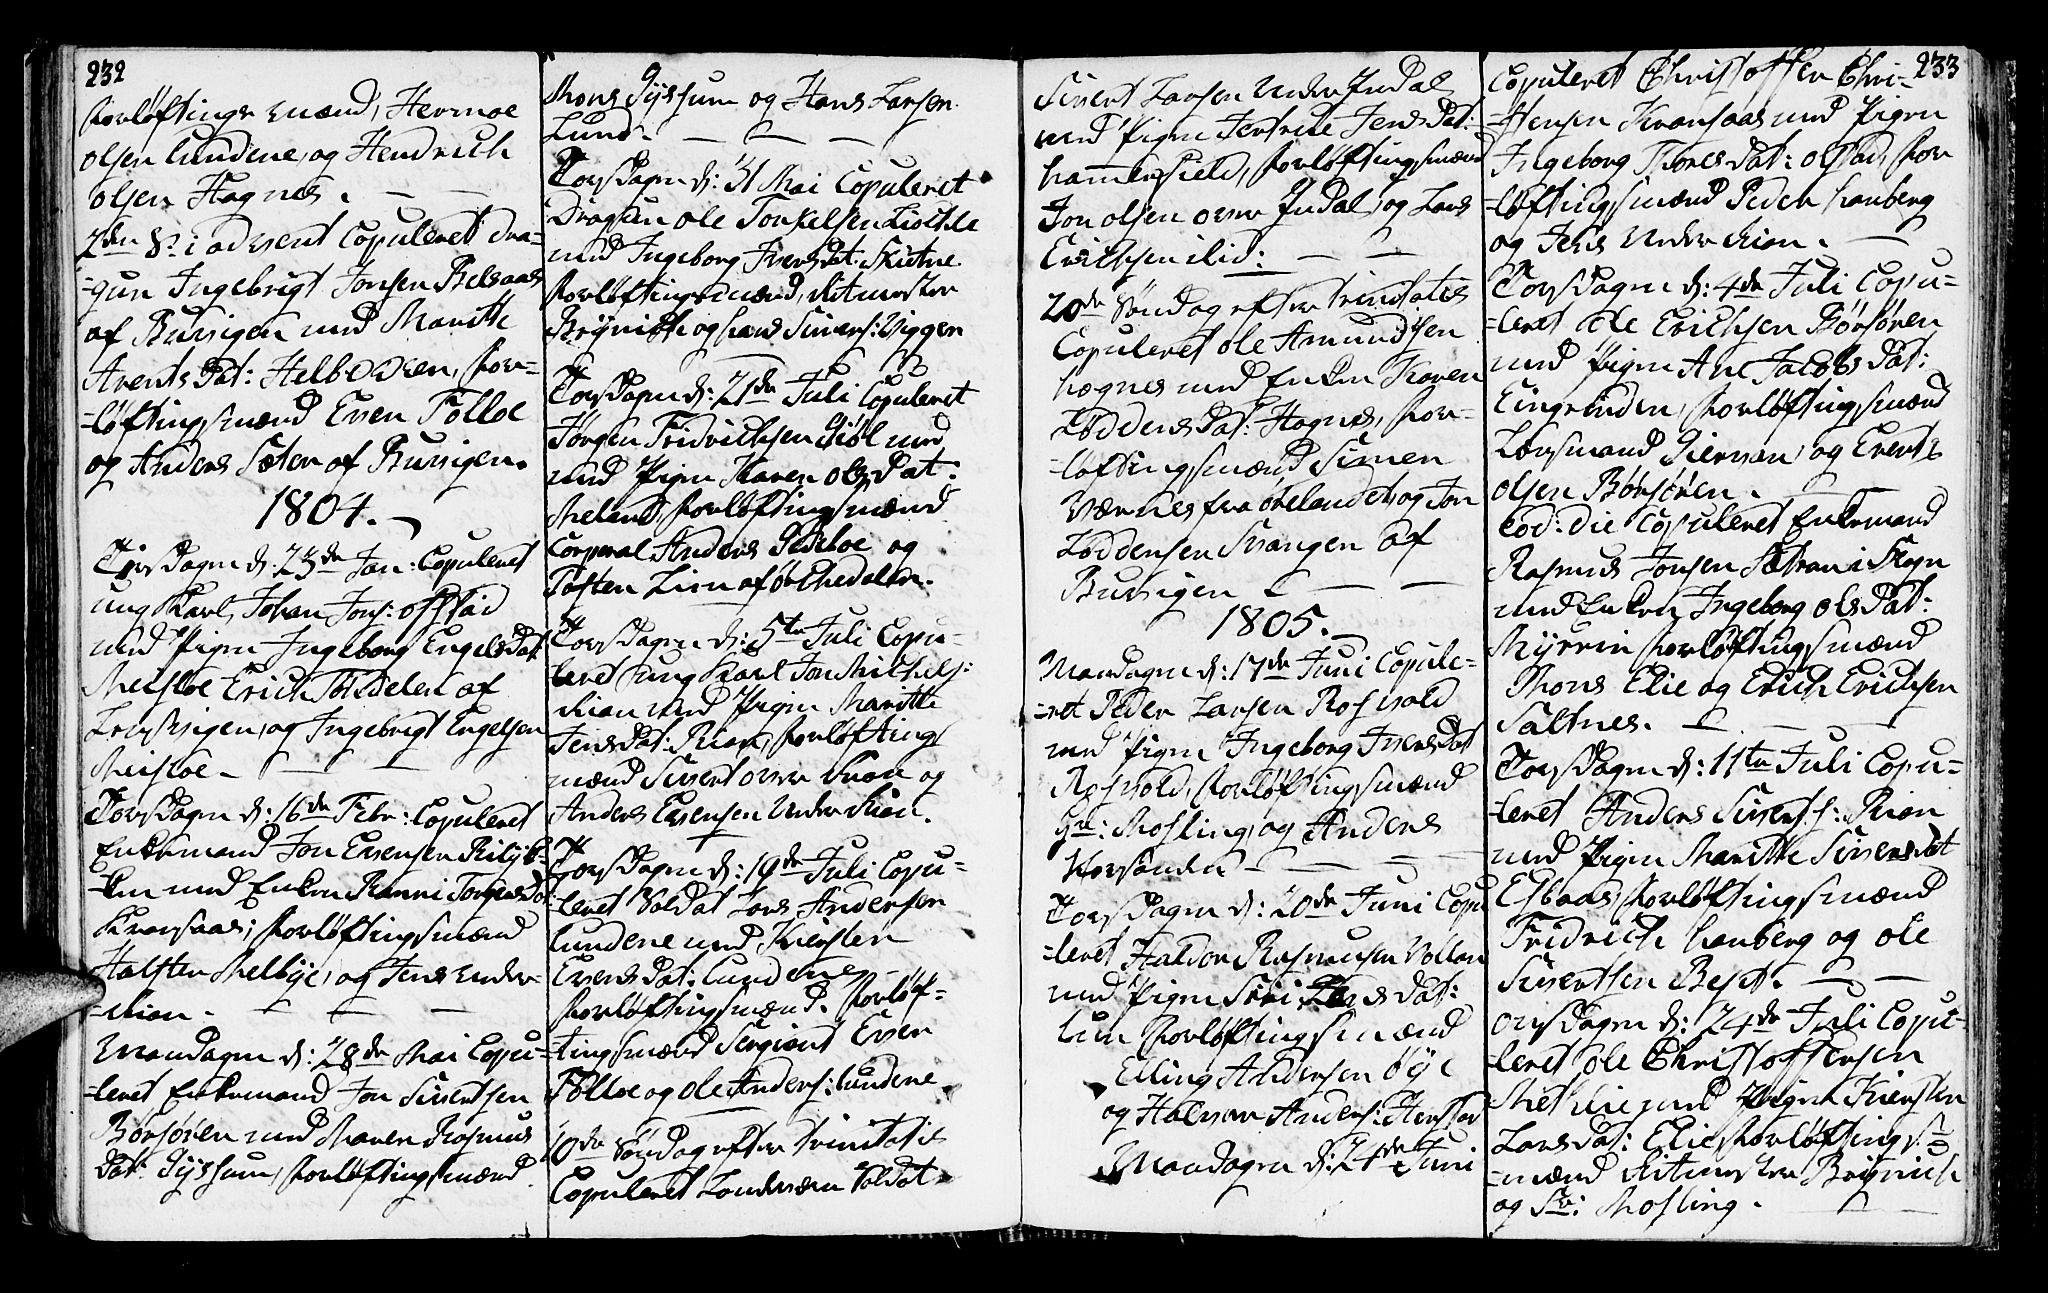 SAT, Ministerialprotokoller, klokkerbøker og fødselsregistre - Sør-Trøndelag, 665/L0769: Ministerialbok nr. 665A04, 1803-1816, s. 232-233